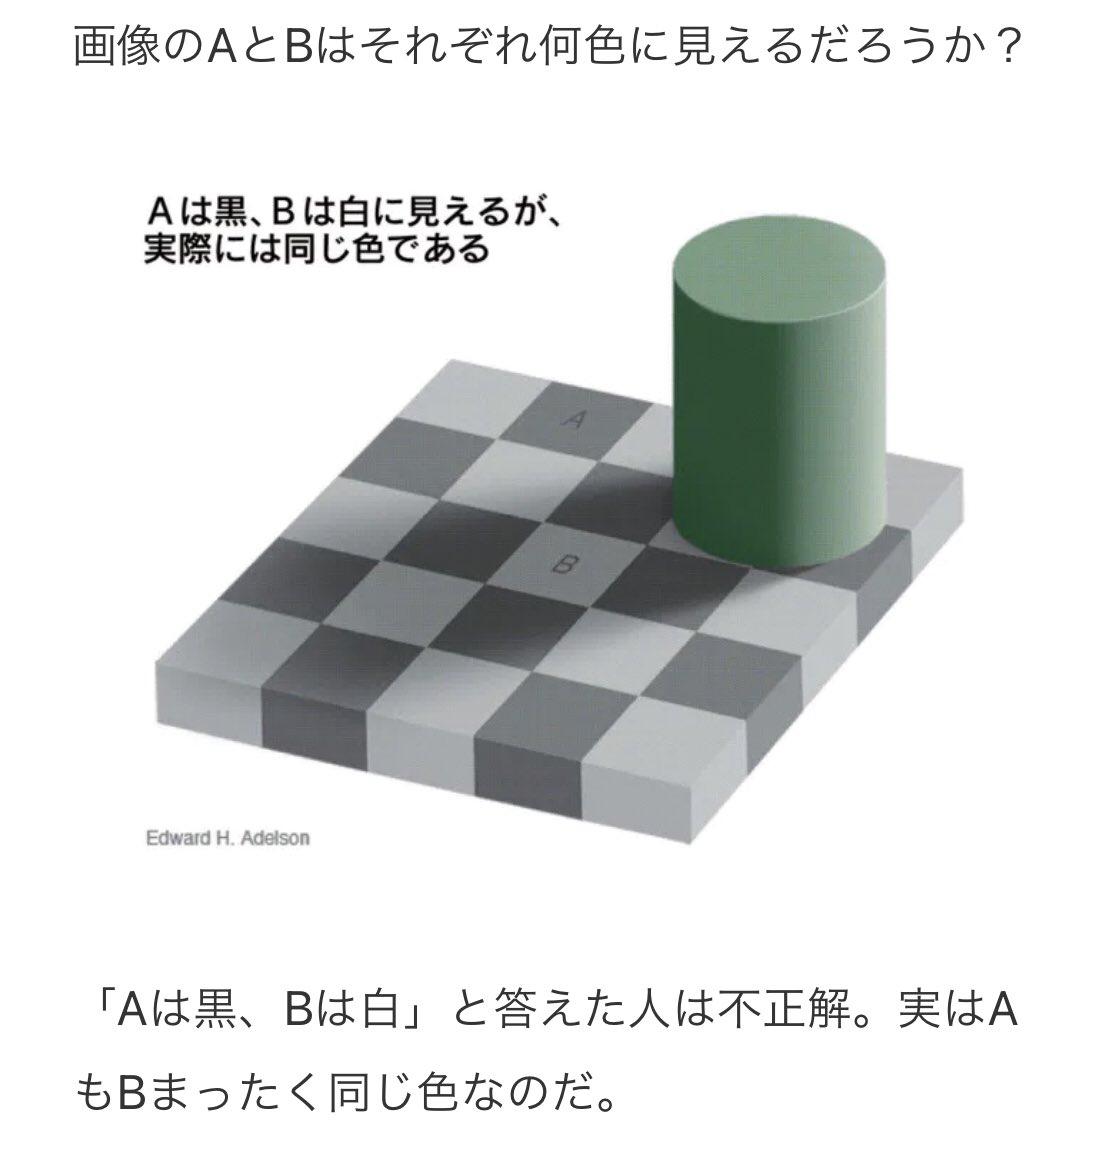 京都「茶筅」の玉手箱!煙と共に箱の中から抹茶スイーツが登場する!